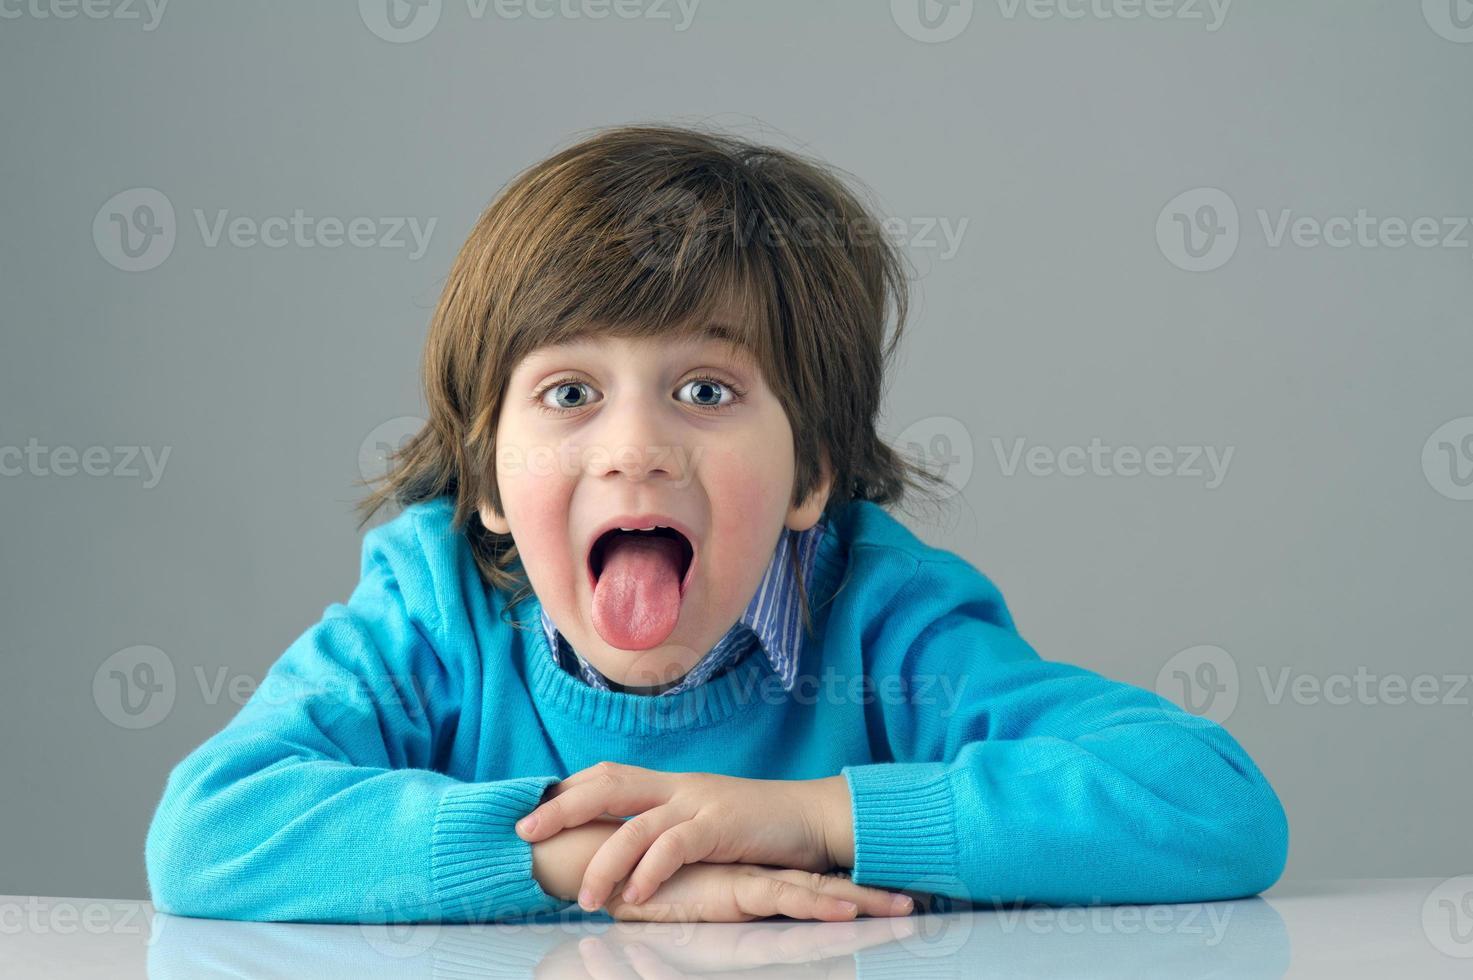 intelligente bel ragazzo facendo faccia sciocca isolato su grigio foto